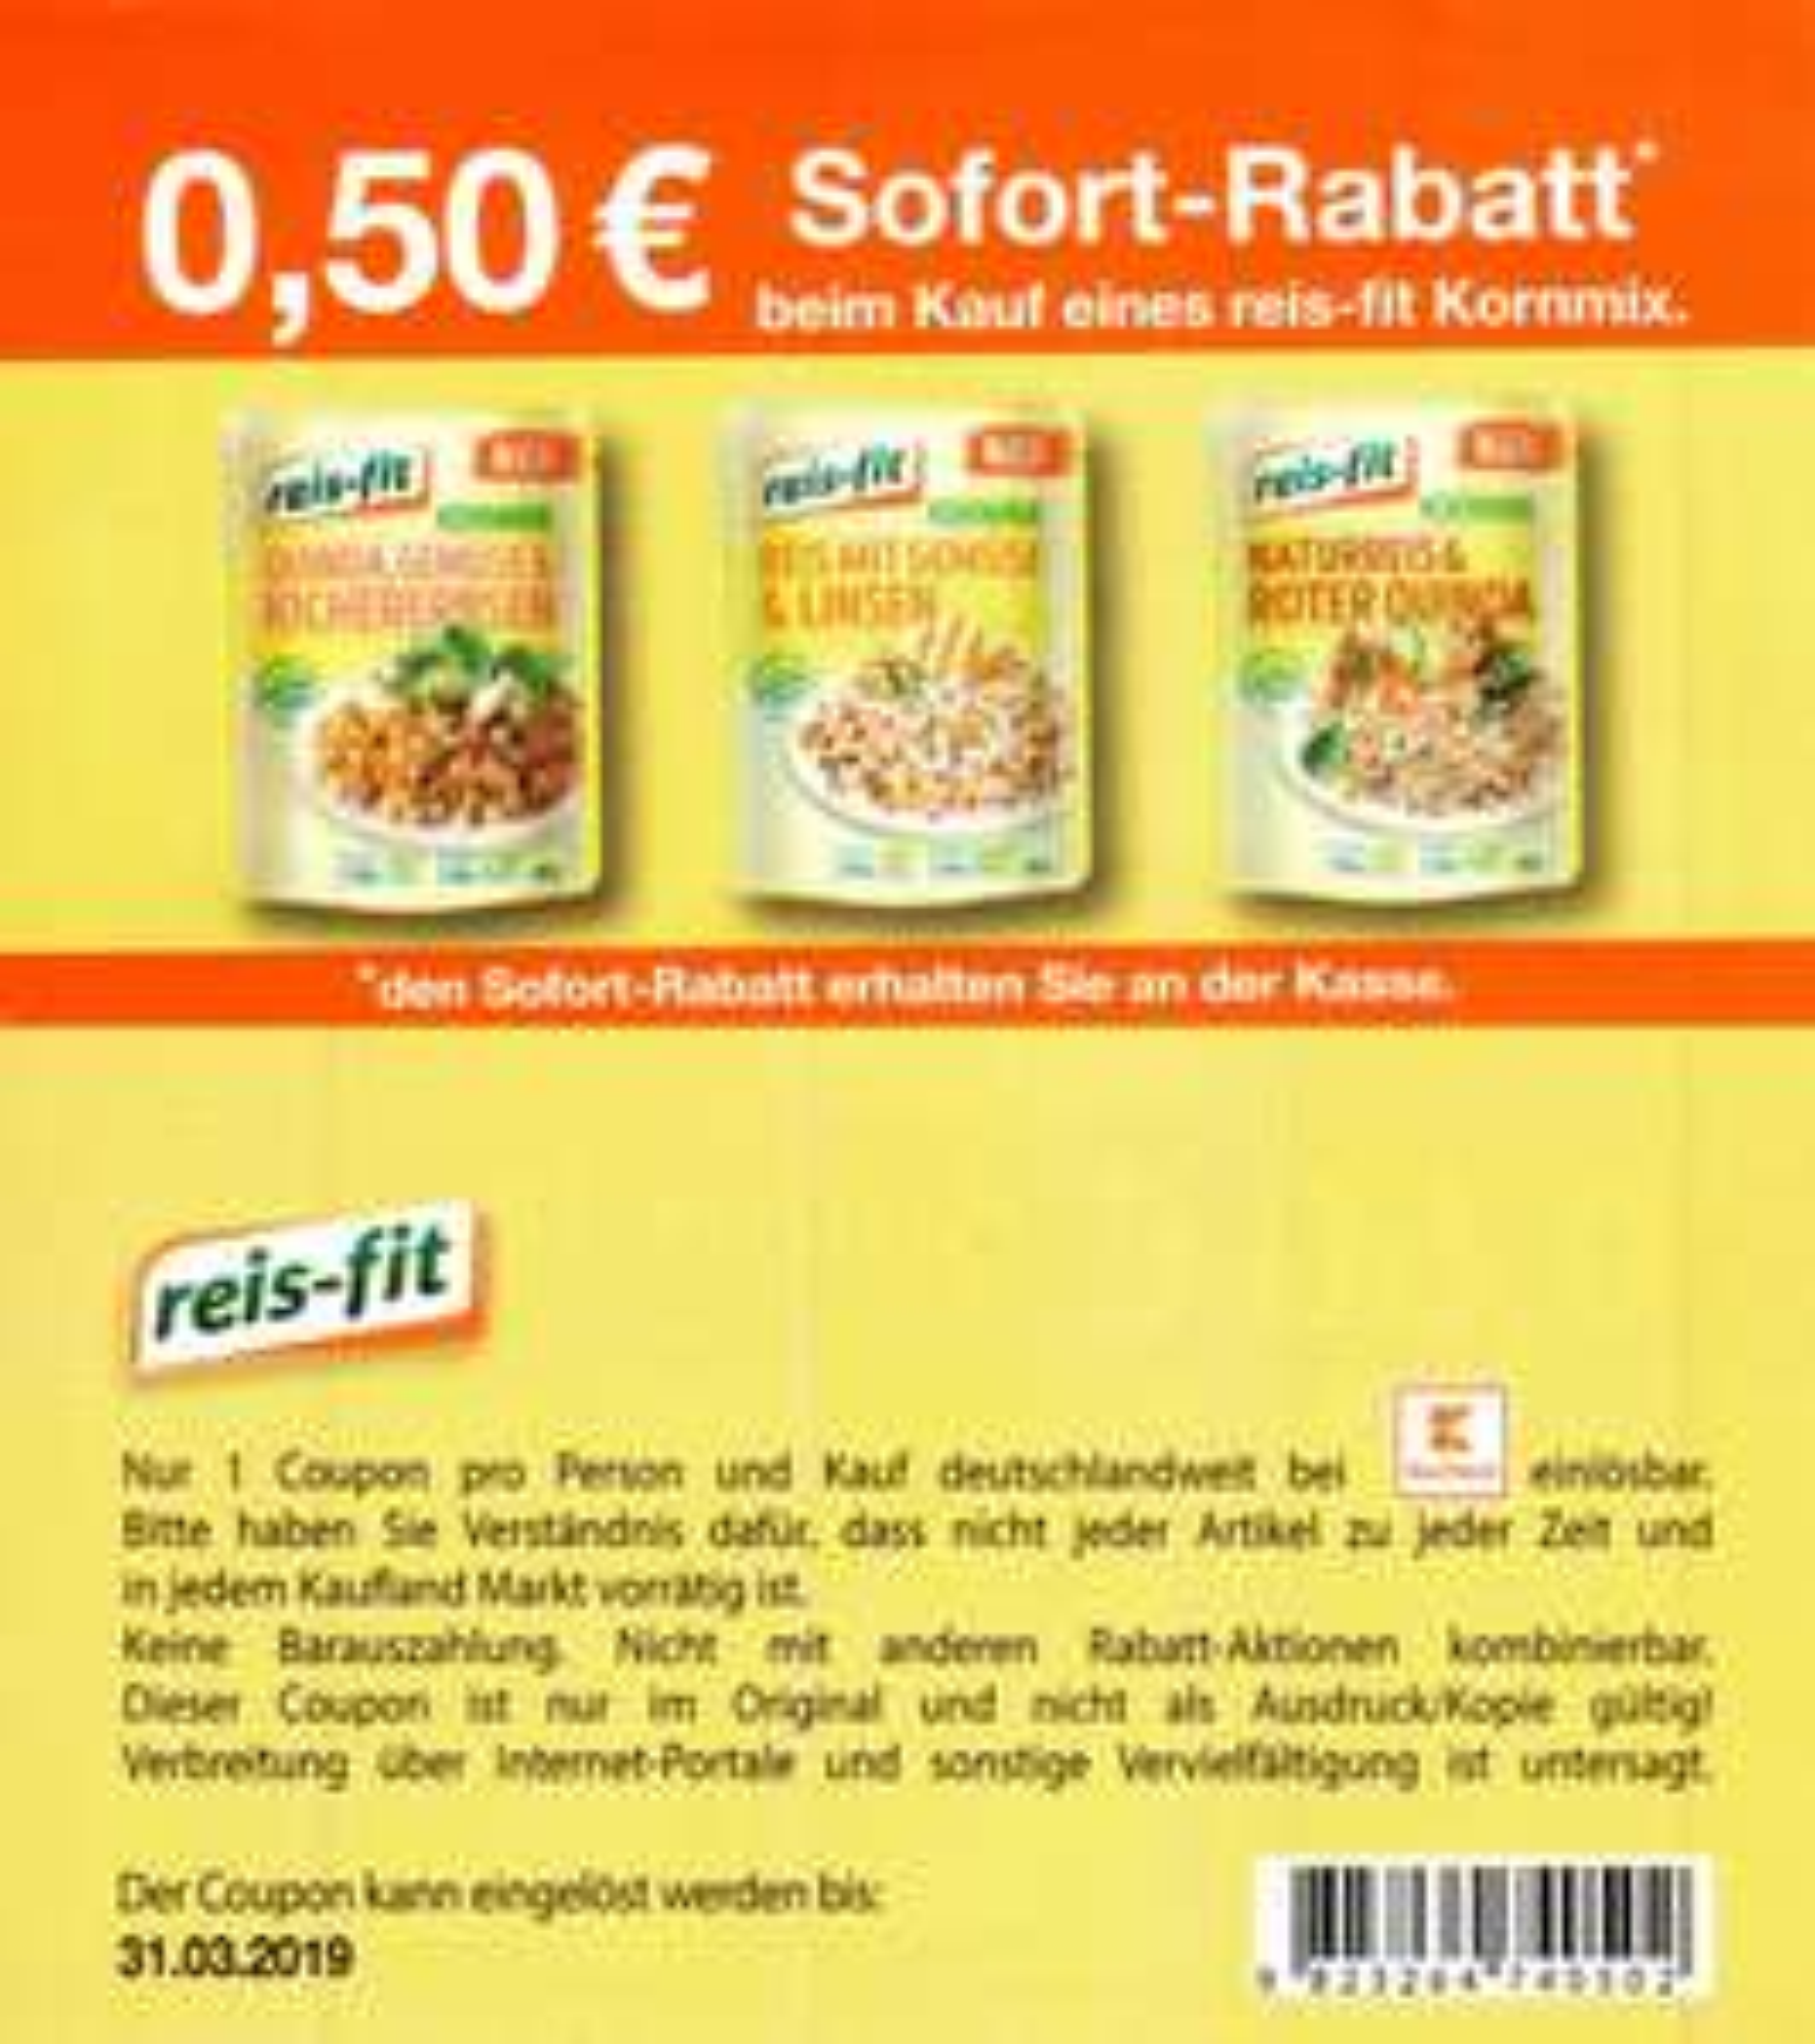 0,50€ Coupon für den Kauf einer Packung reis-fit Kornmix bei Kaufland bis 31.03.2019